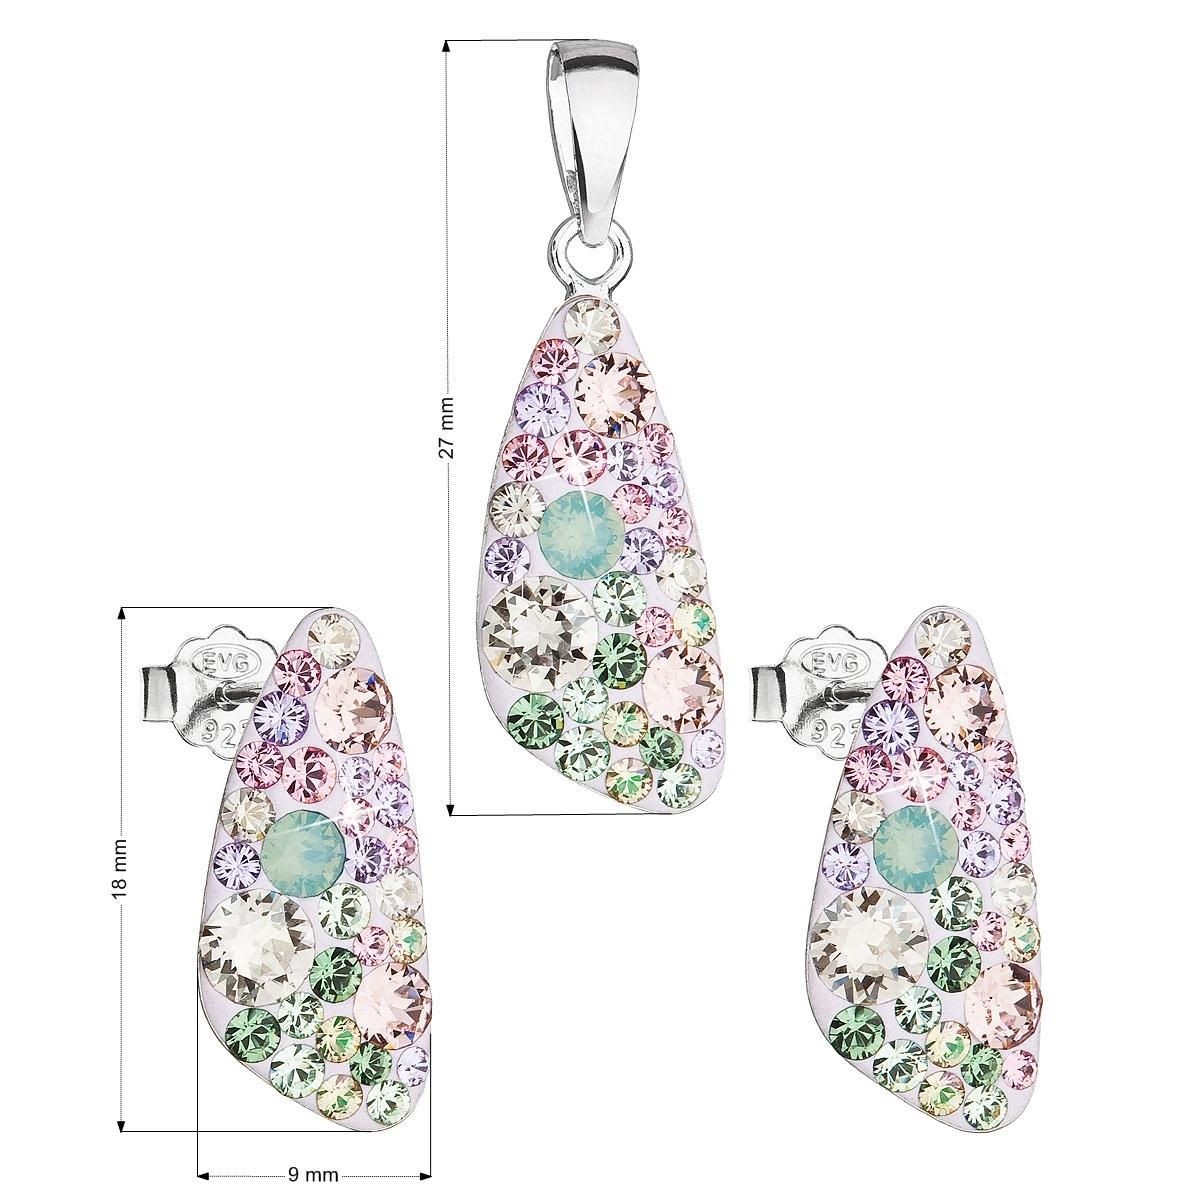 Sada šperkov s kryštálmi Swarovski náušnice a prívesok, Sakura